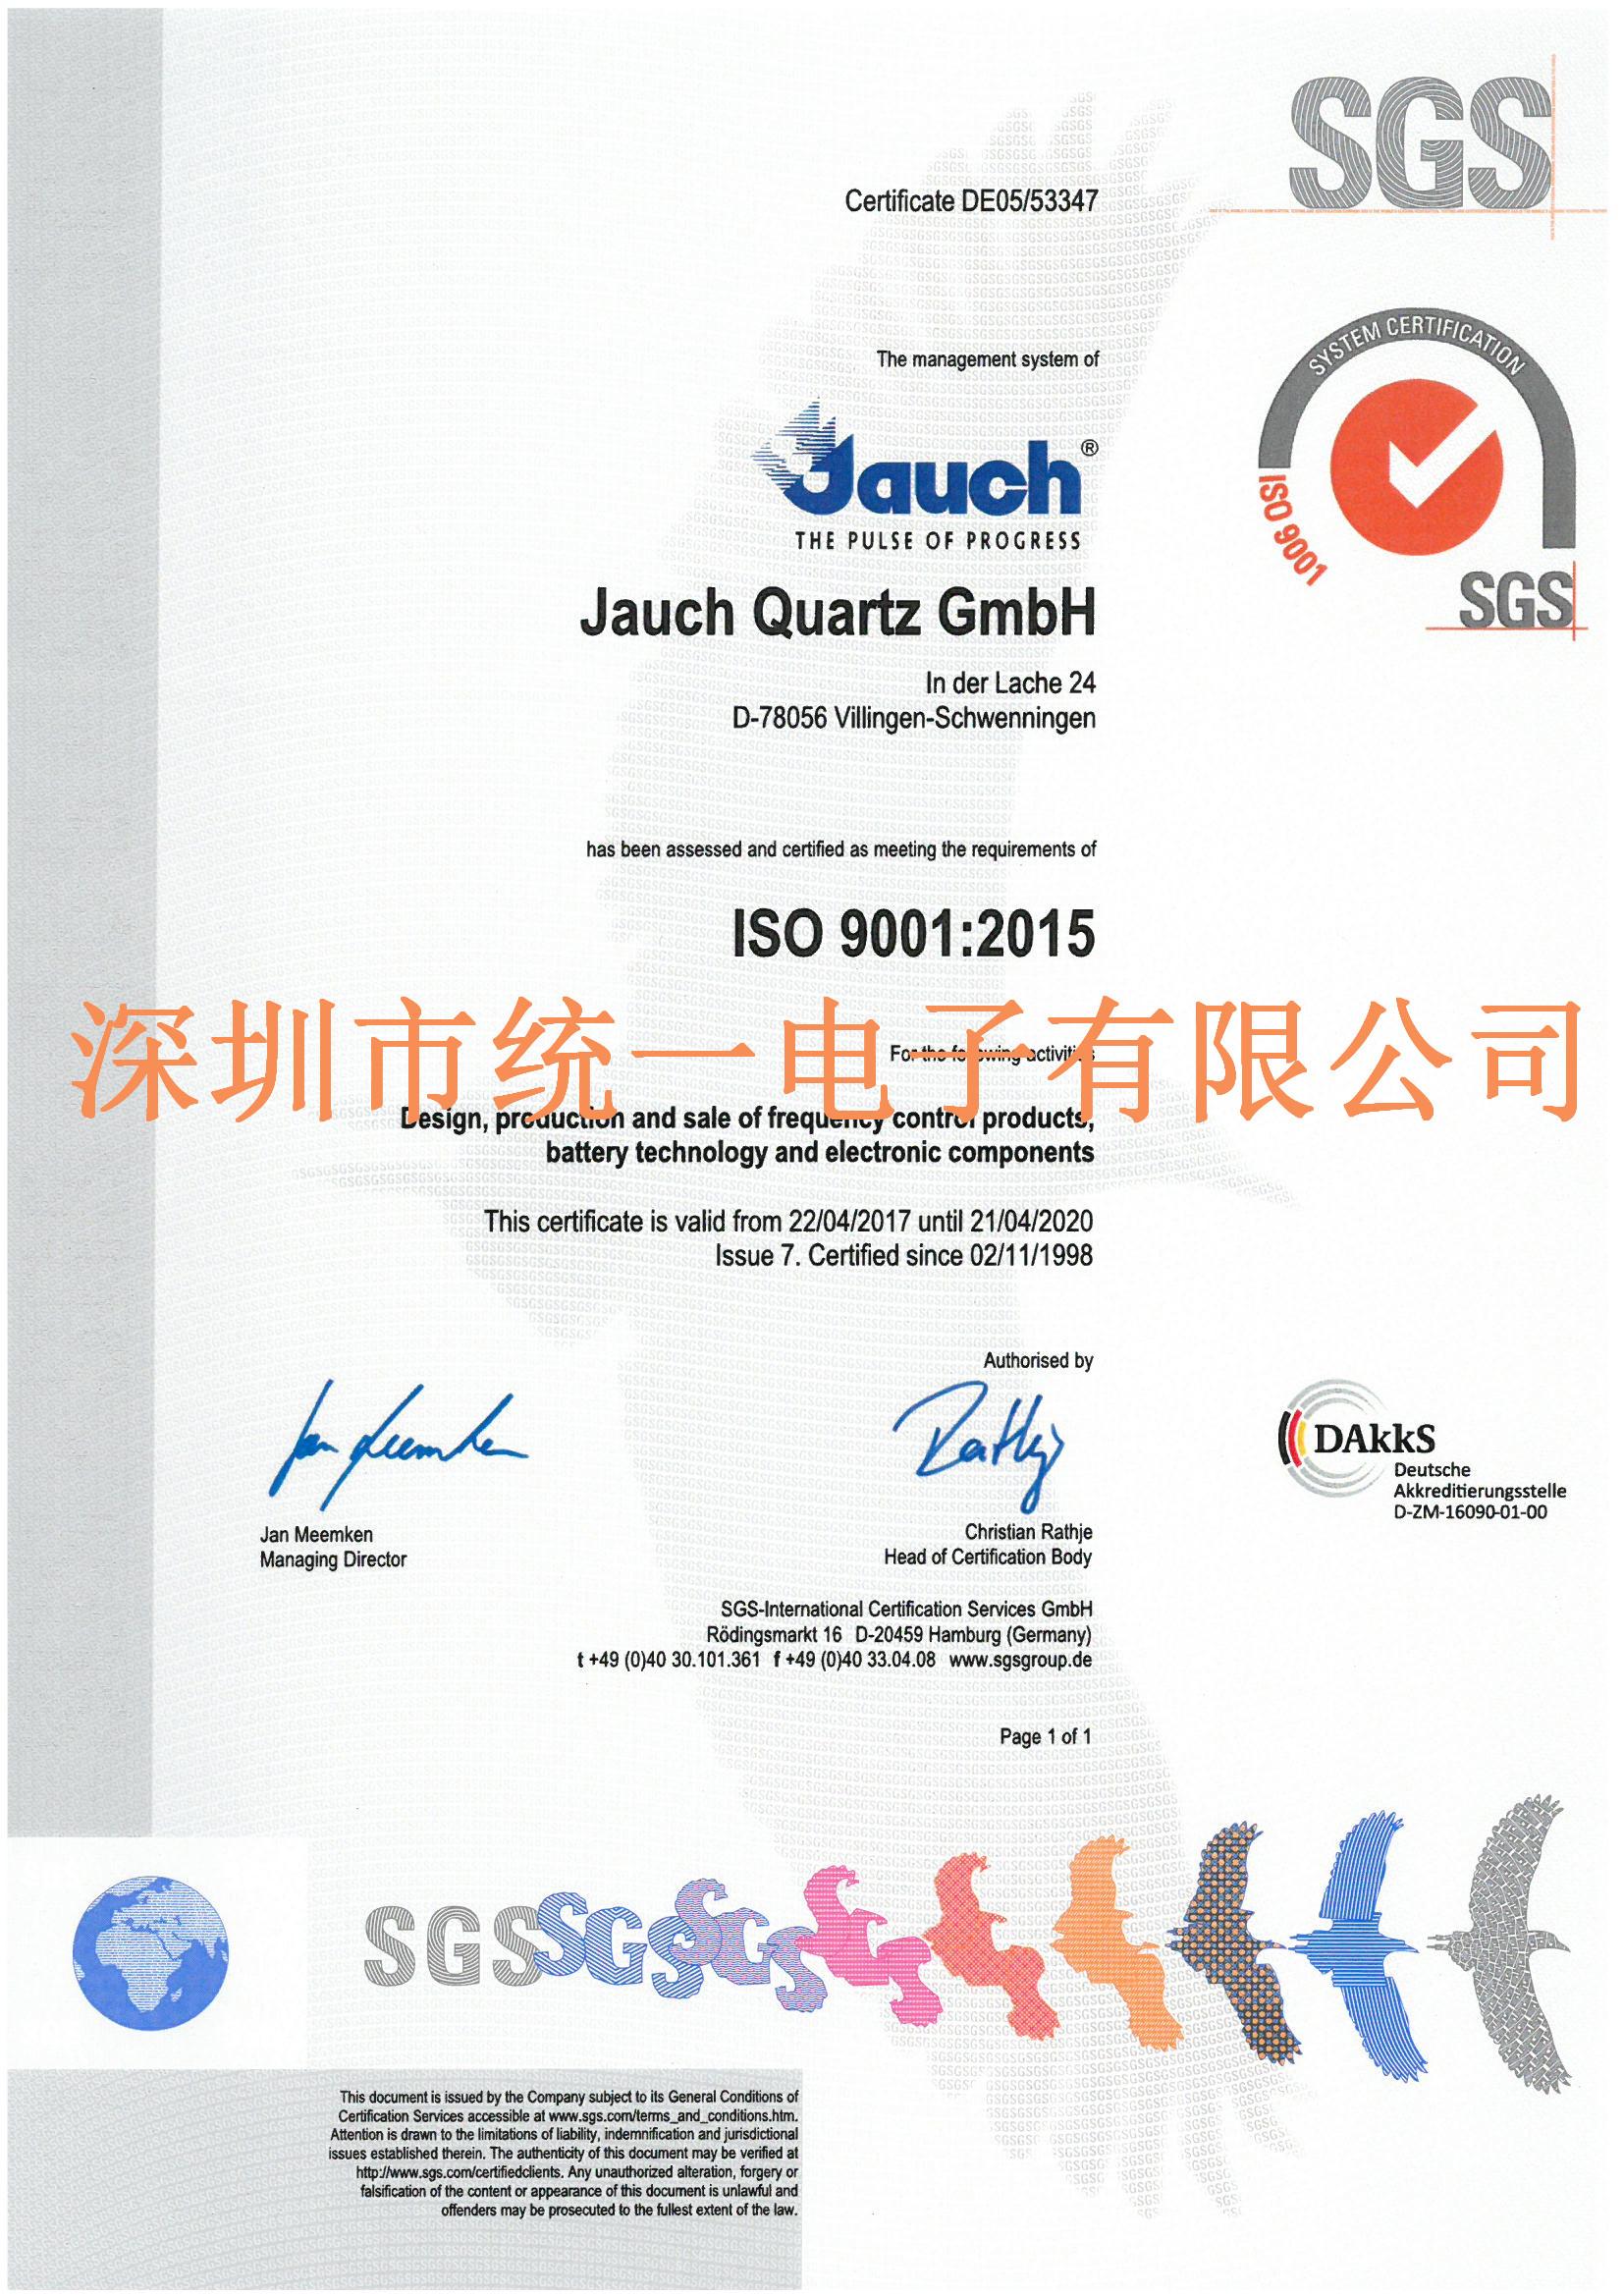 Jauch晶振产品均已通过了ISO9001认证